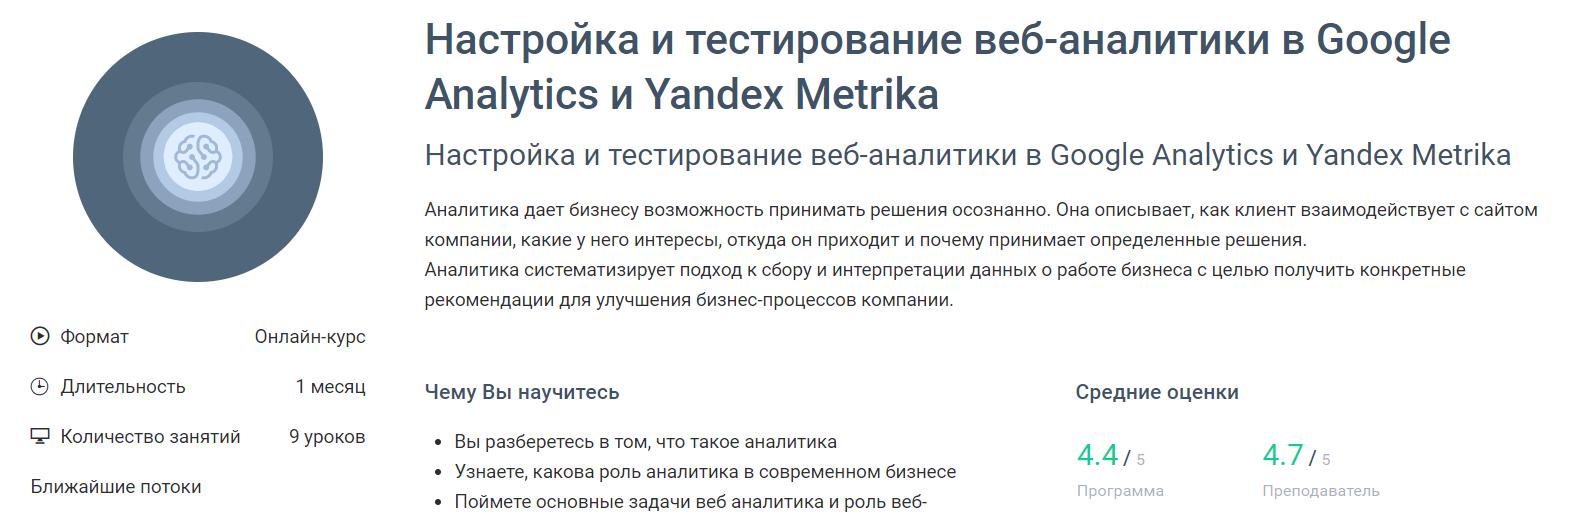 Отзывы о курсе - Настройка и тестирование веб-аналитики в Google Analytics и Yandex Metrika от GeekBrains - авторы: Юлия Тертерян, Сергей Моторный